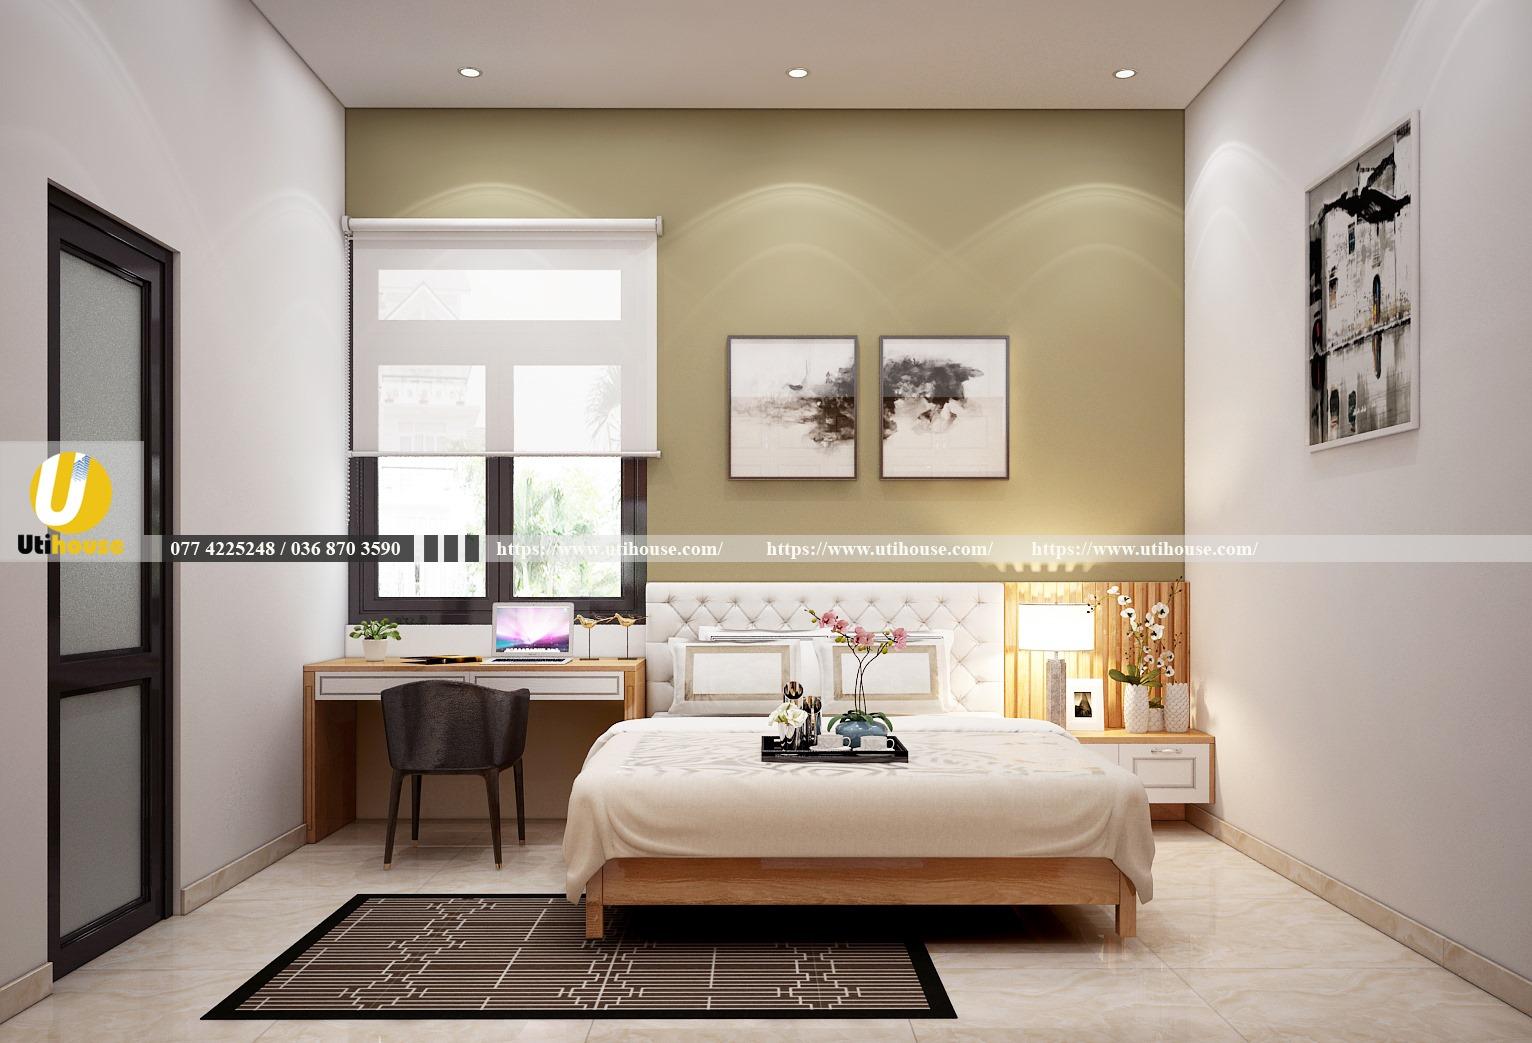 Phòng ngủ kết hợp phòng làm việc hiện đại tối giản